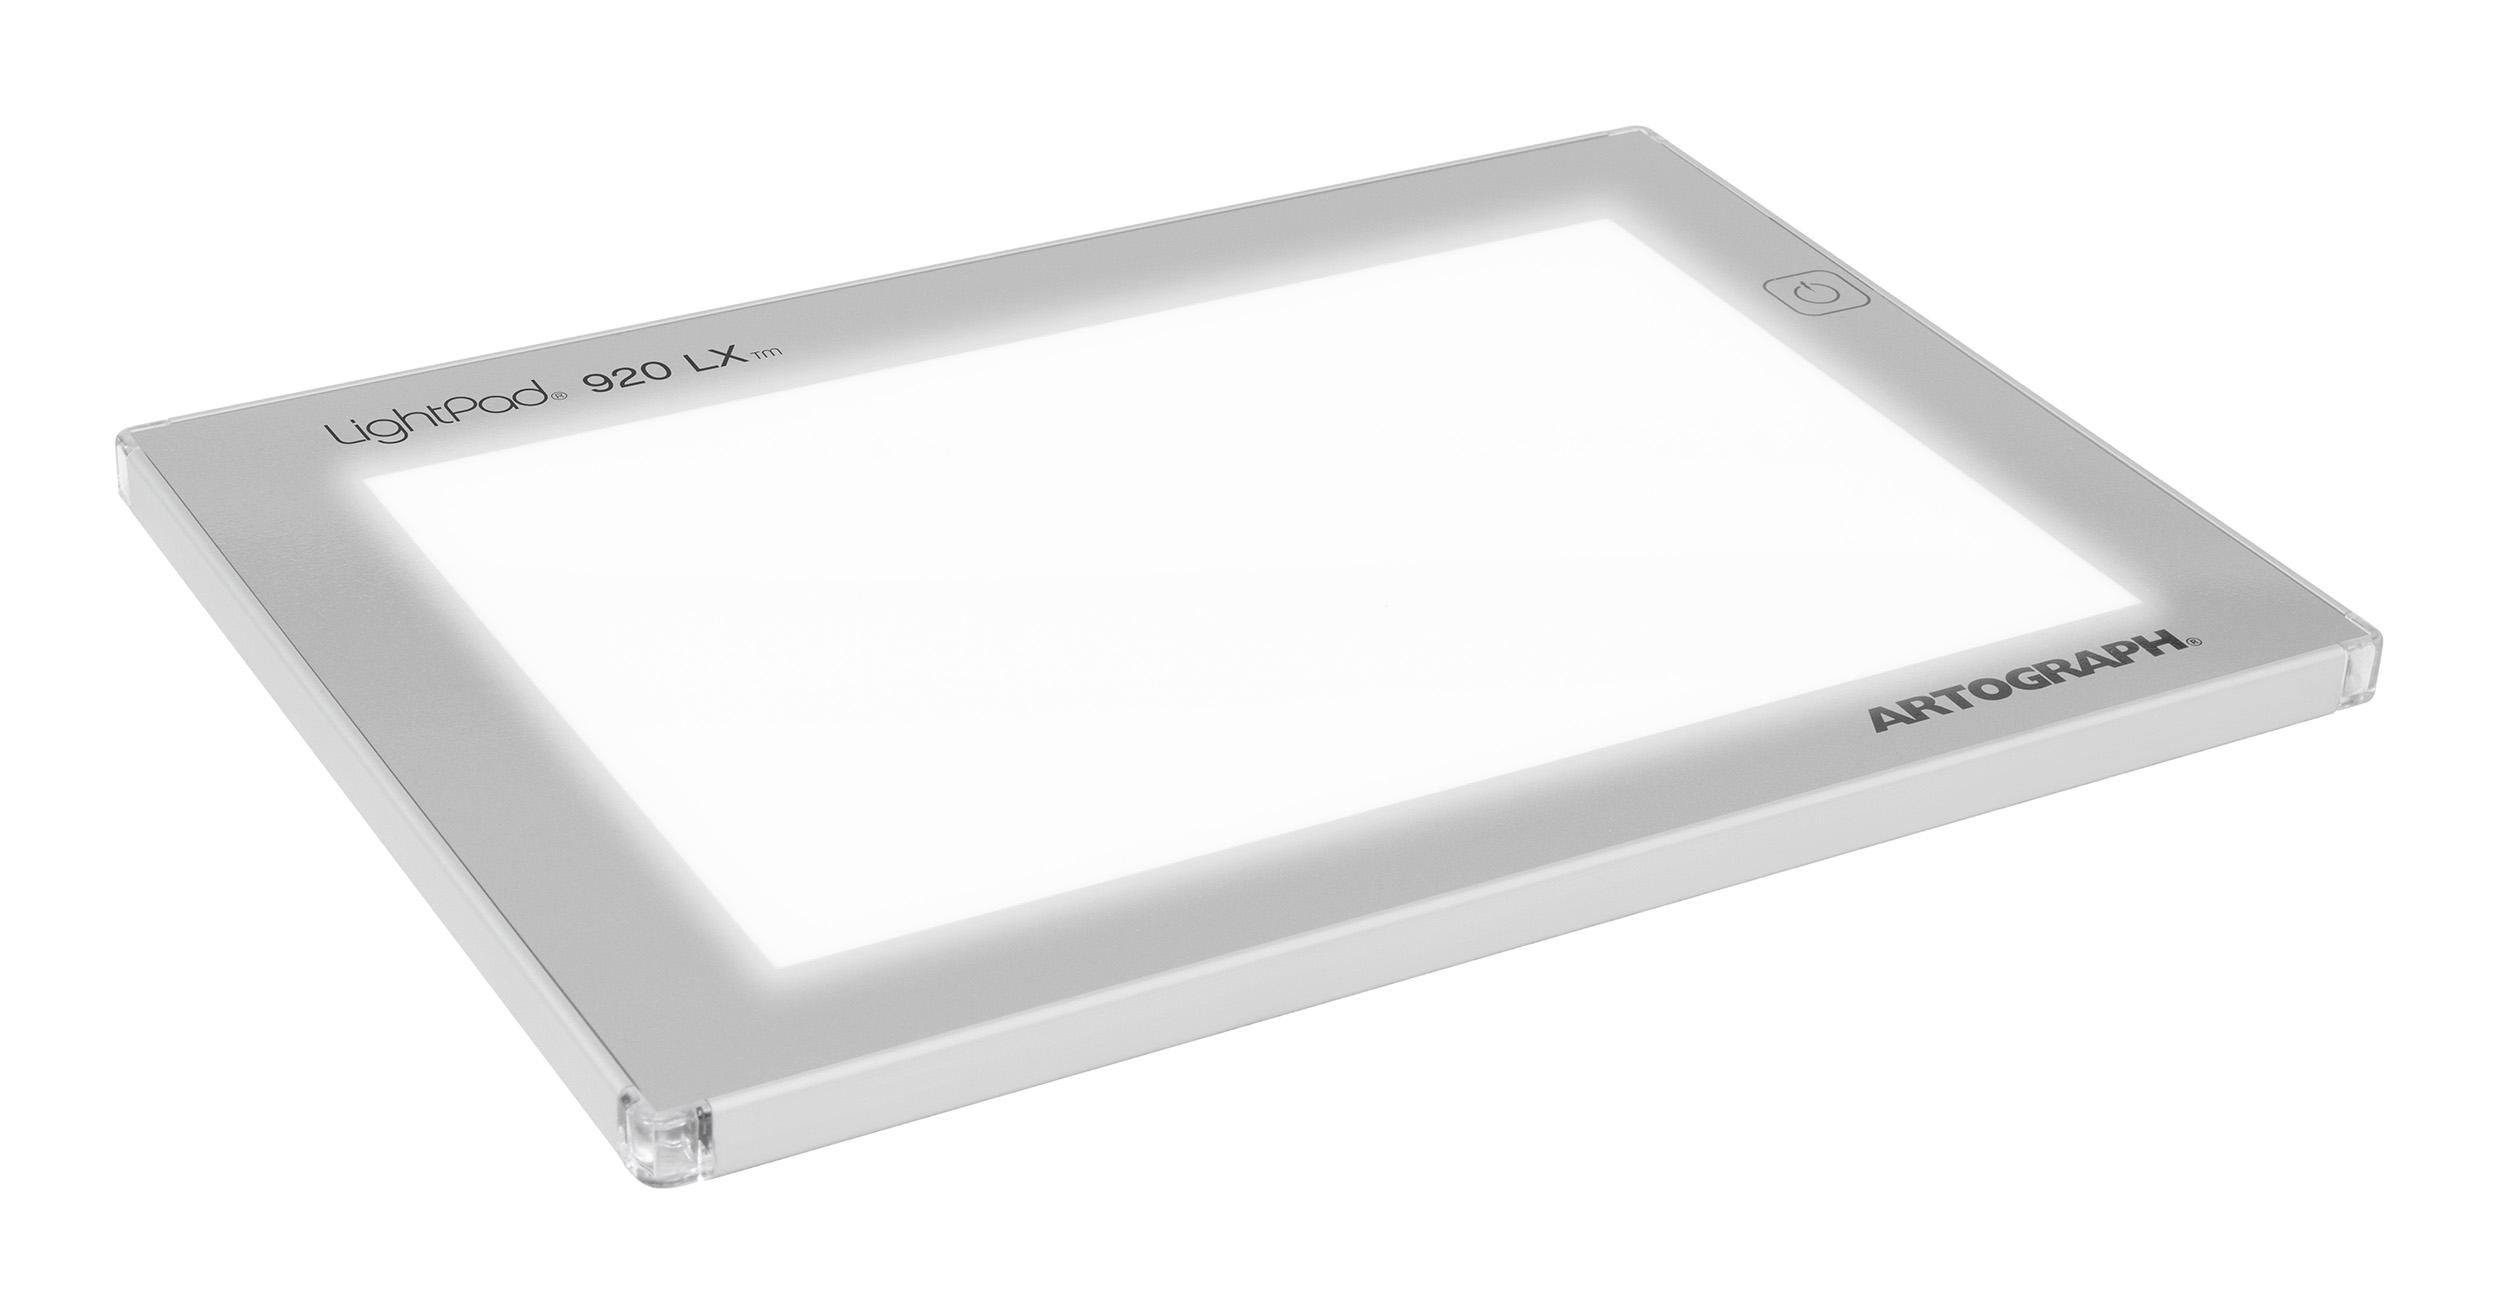 25920-LightPad-920-LX